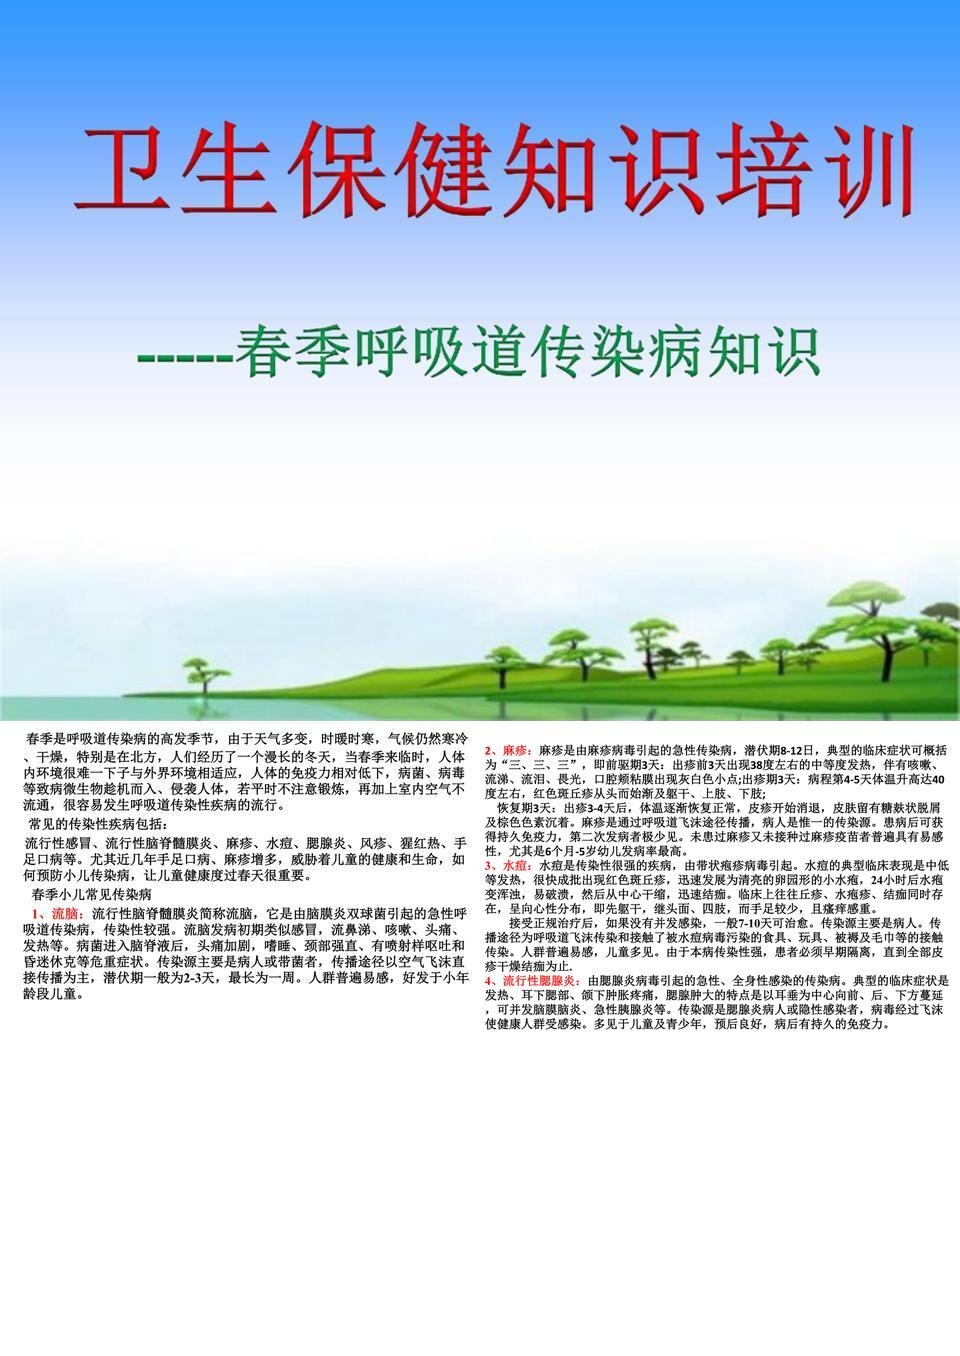 幼儿园卫生保健知识培训.pptx